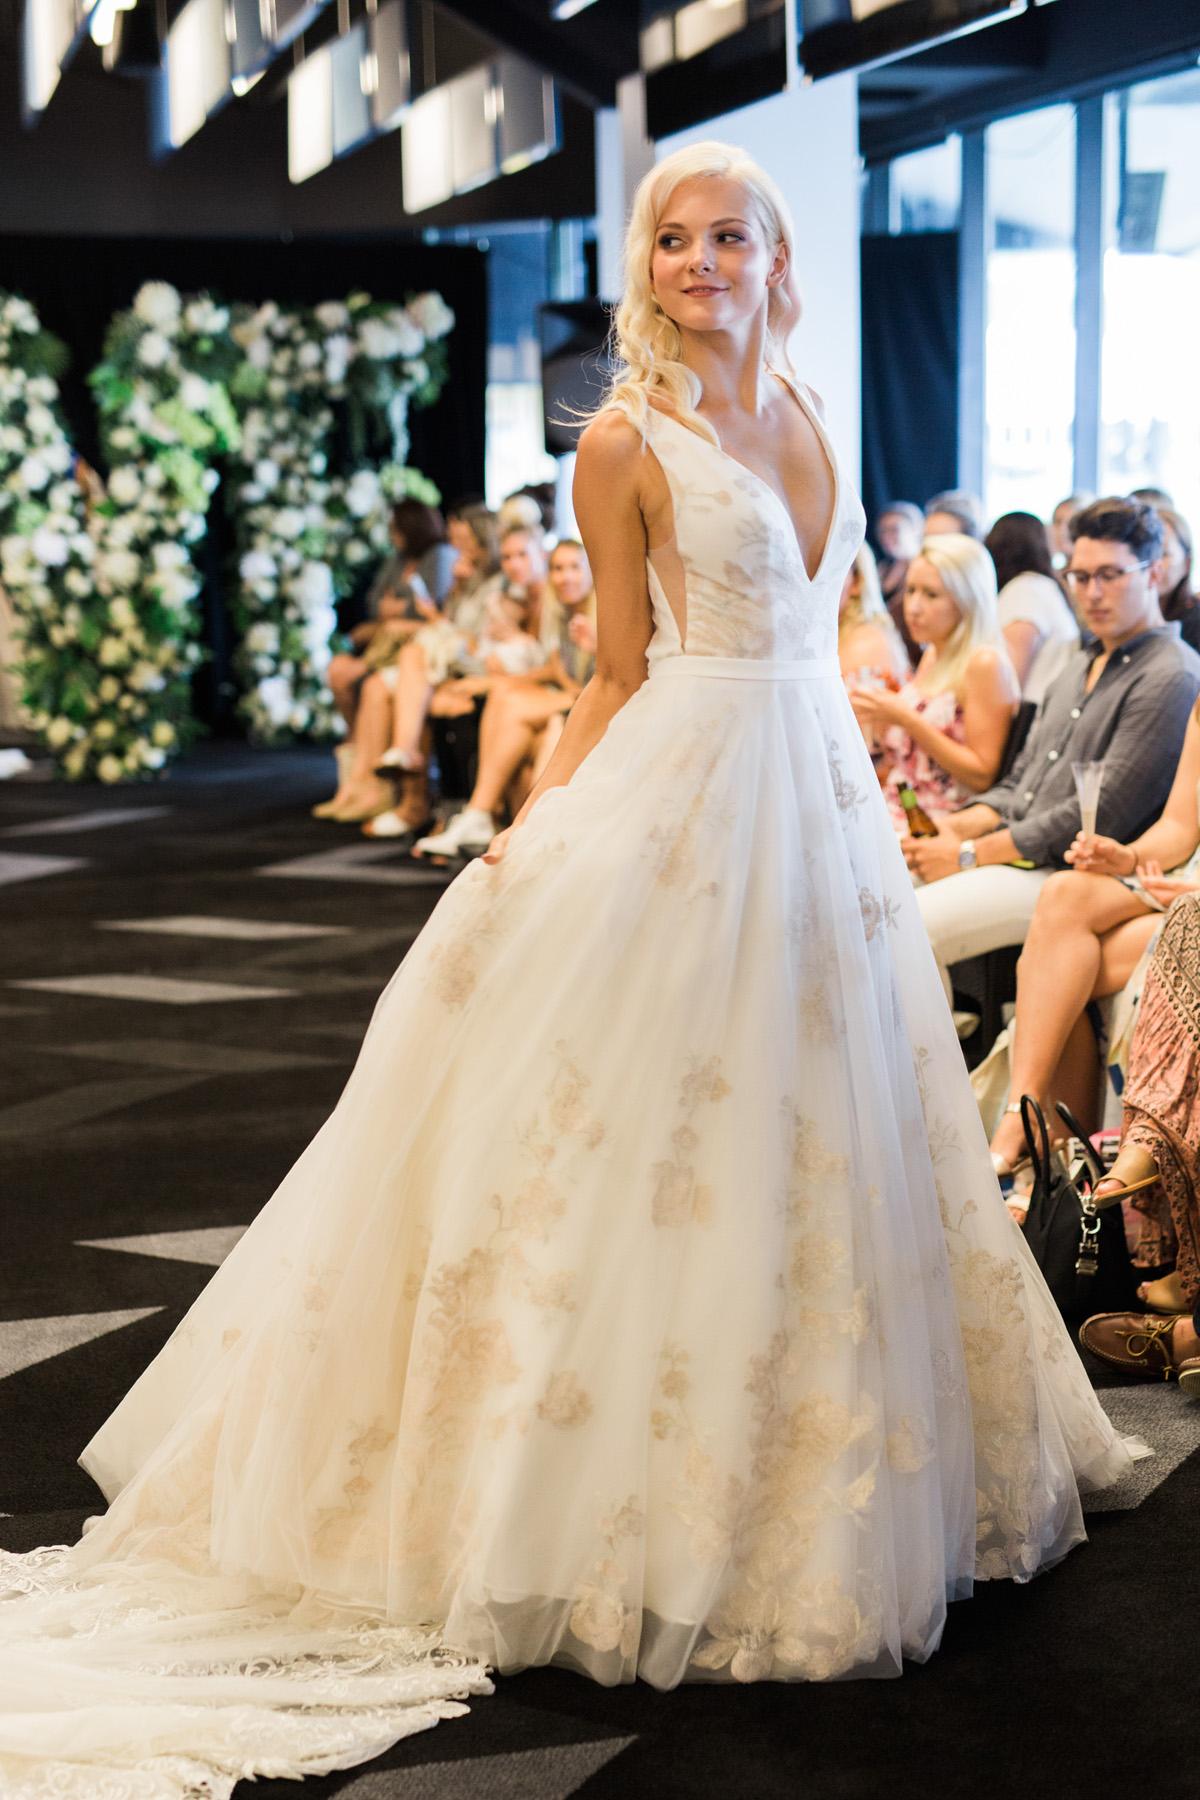 Love-Wedding-Festival-Sydney-Wedding-Gown-Jean-Fox-Bridal-21.jpg